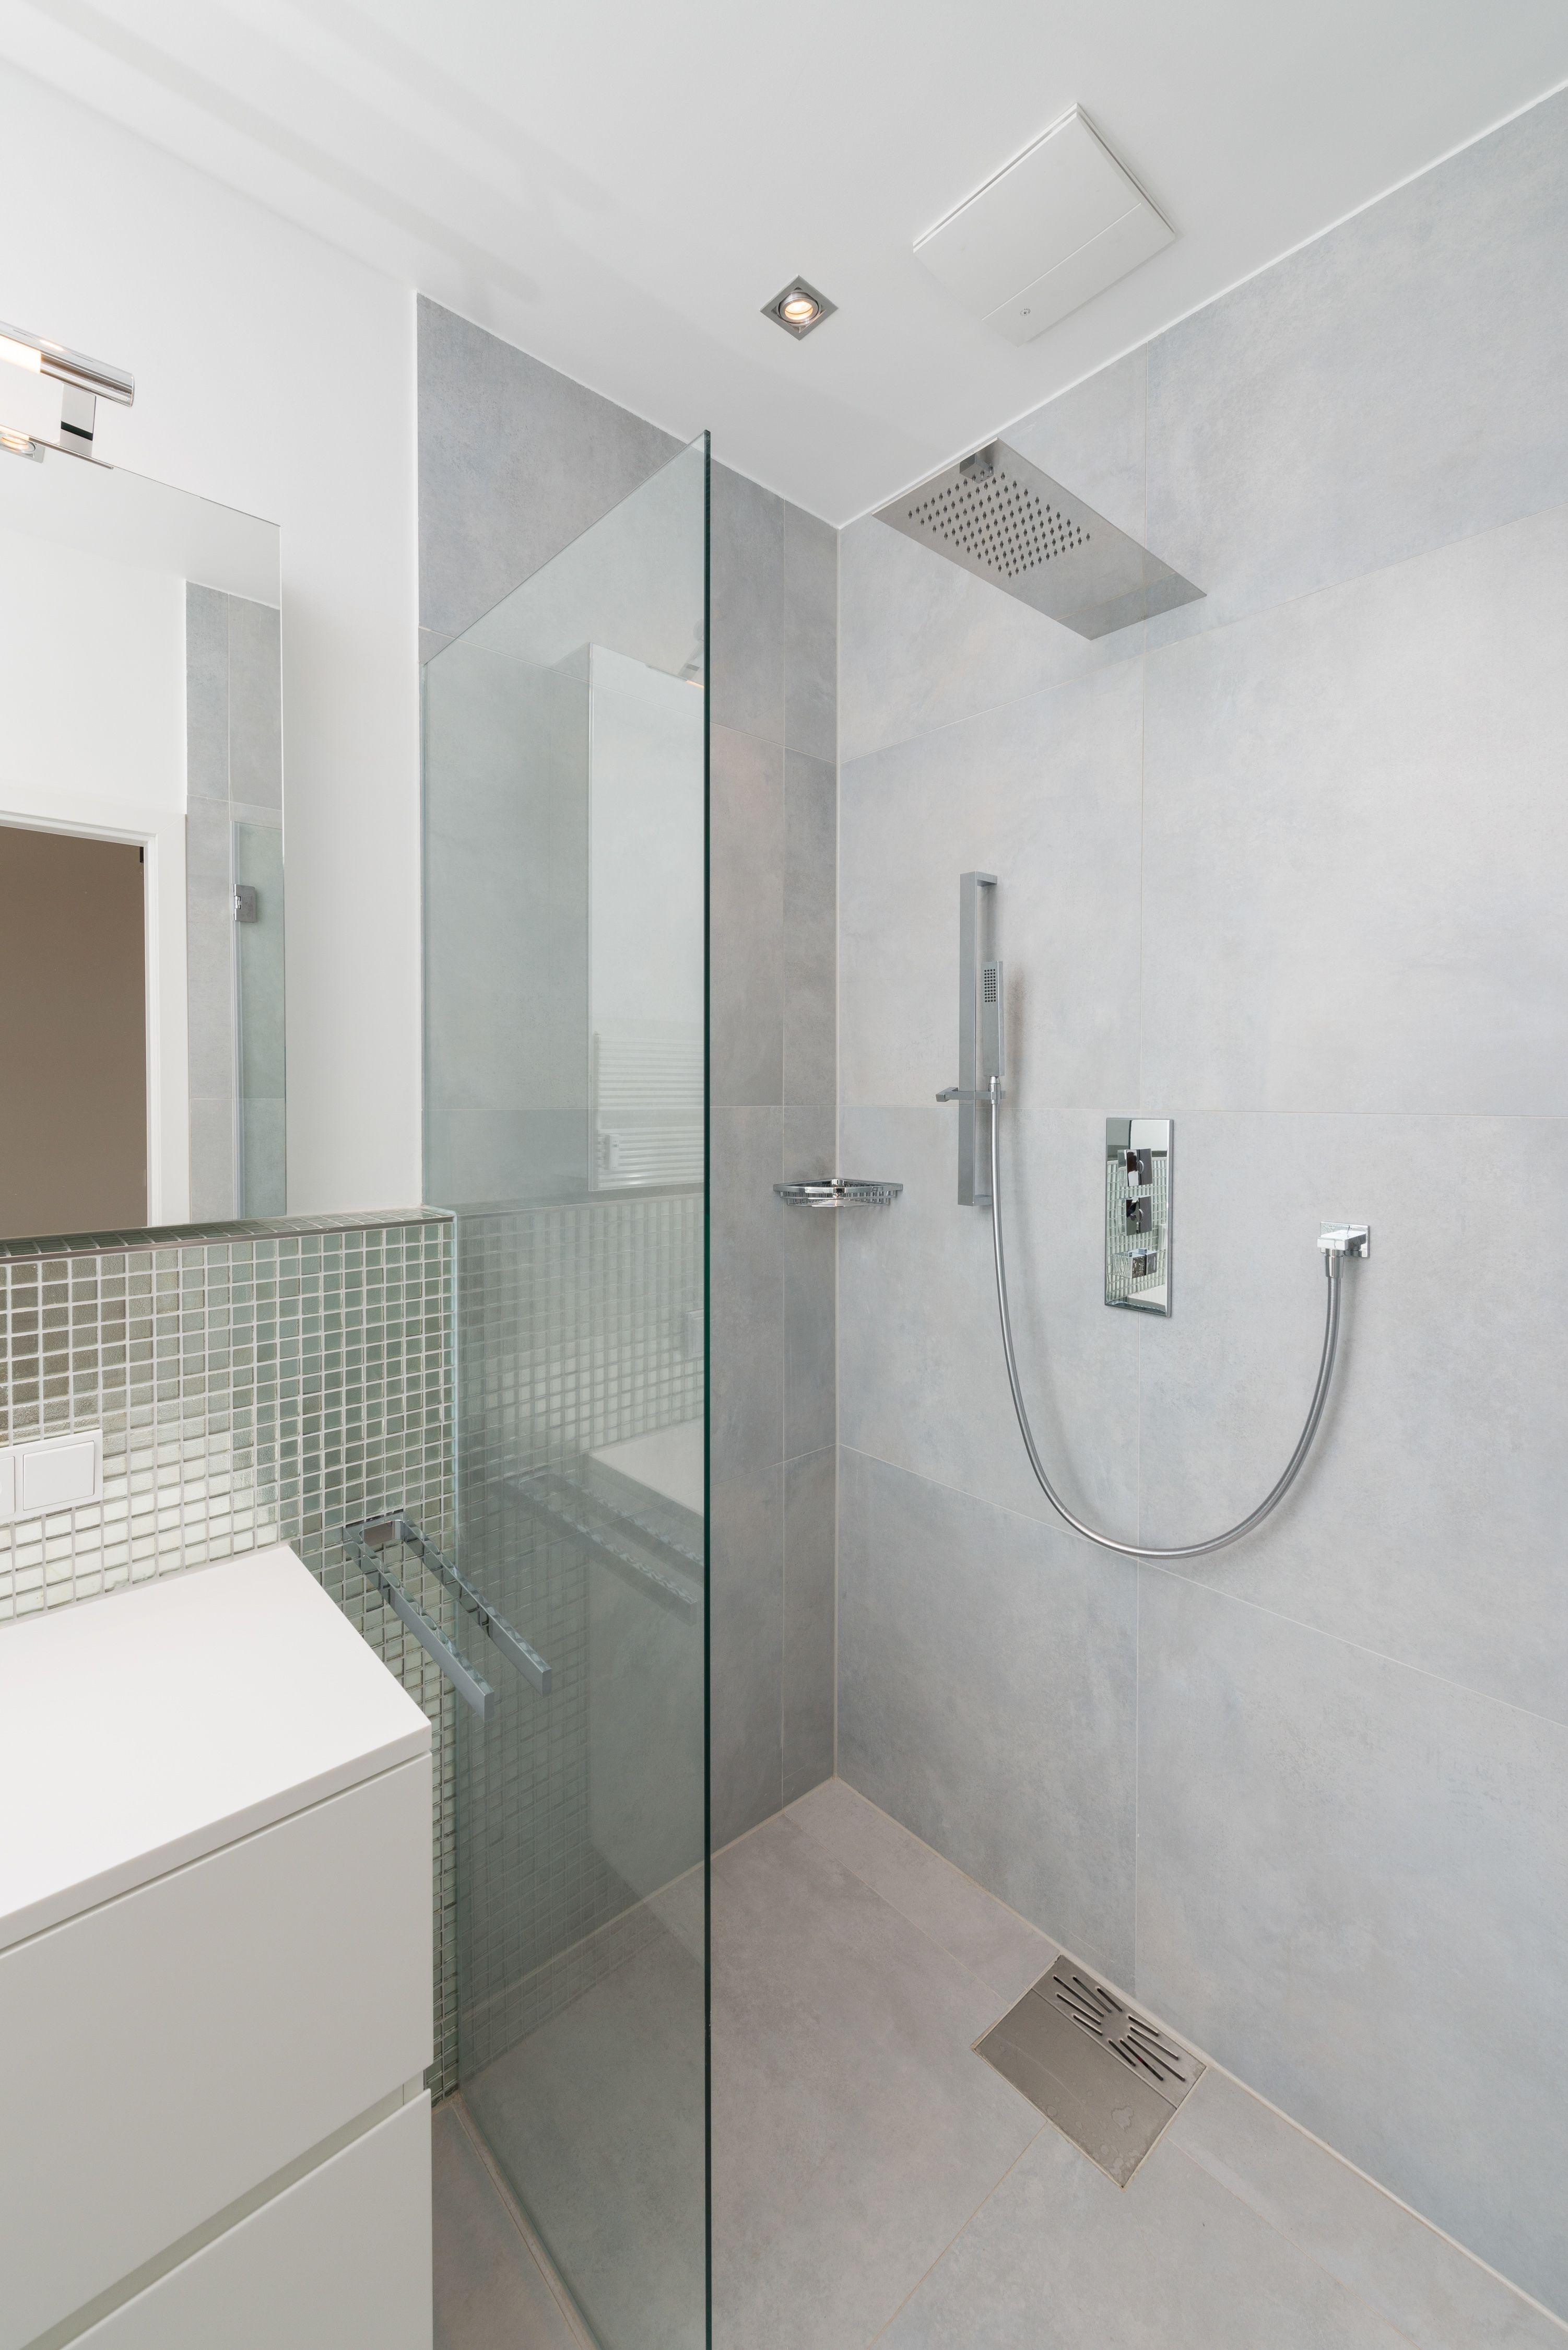 fliesen hellgrau und glasmosaik silber, betonoptik | dachausbau